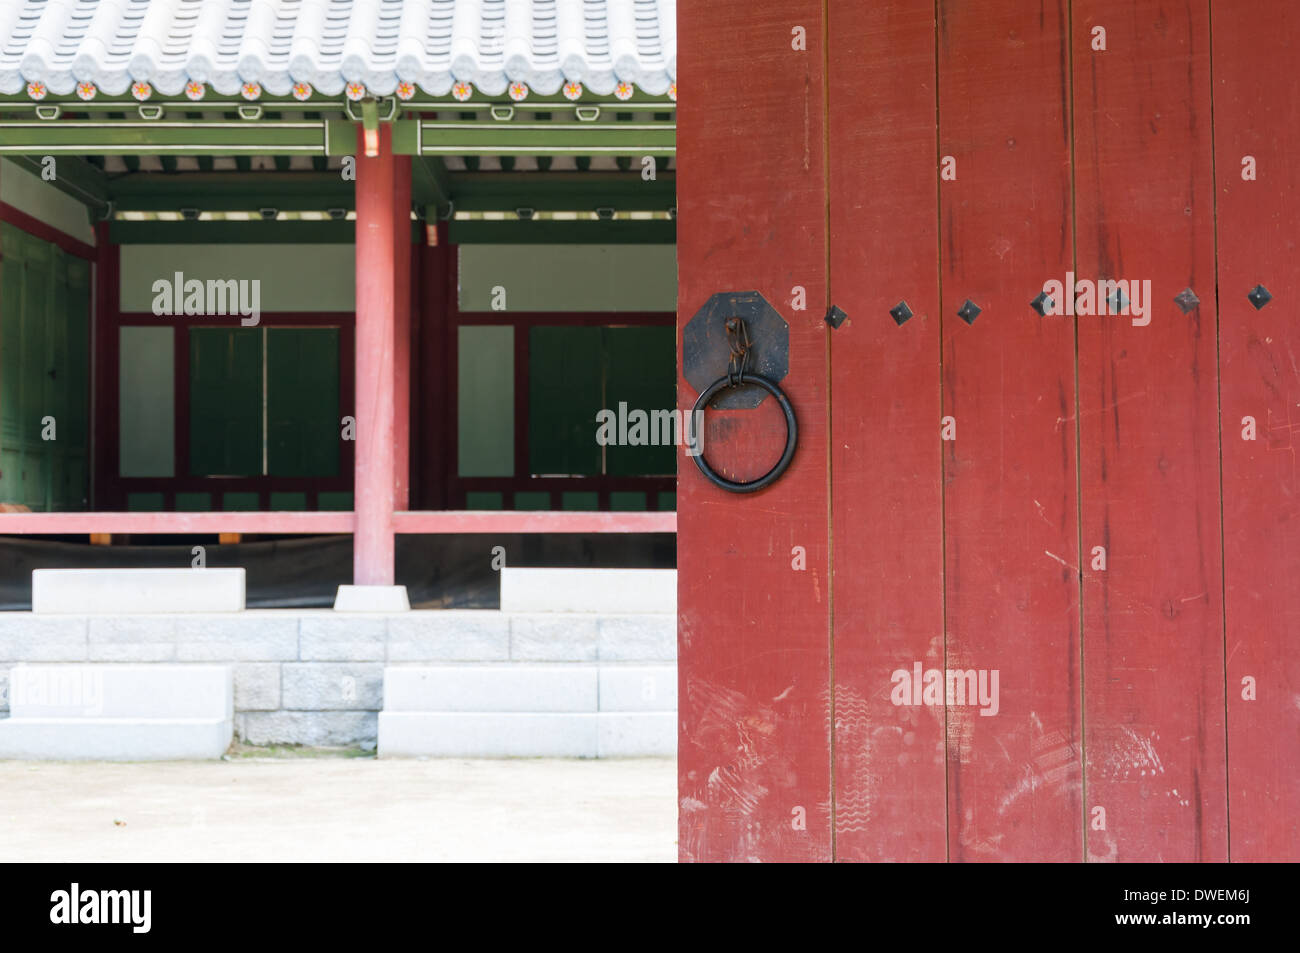 Tradizionale architettura coreana in un villaggio storico in Corea del Sud. Immagini Stock